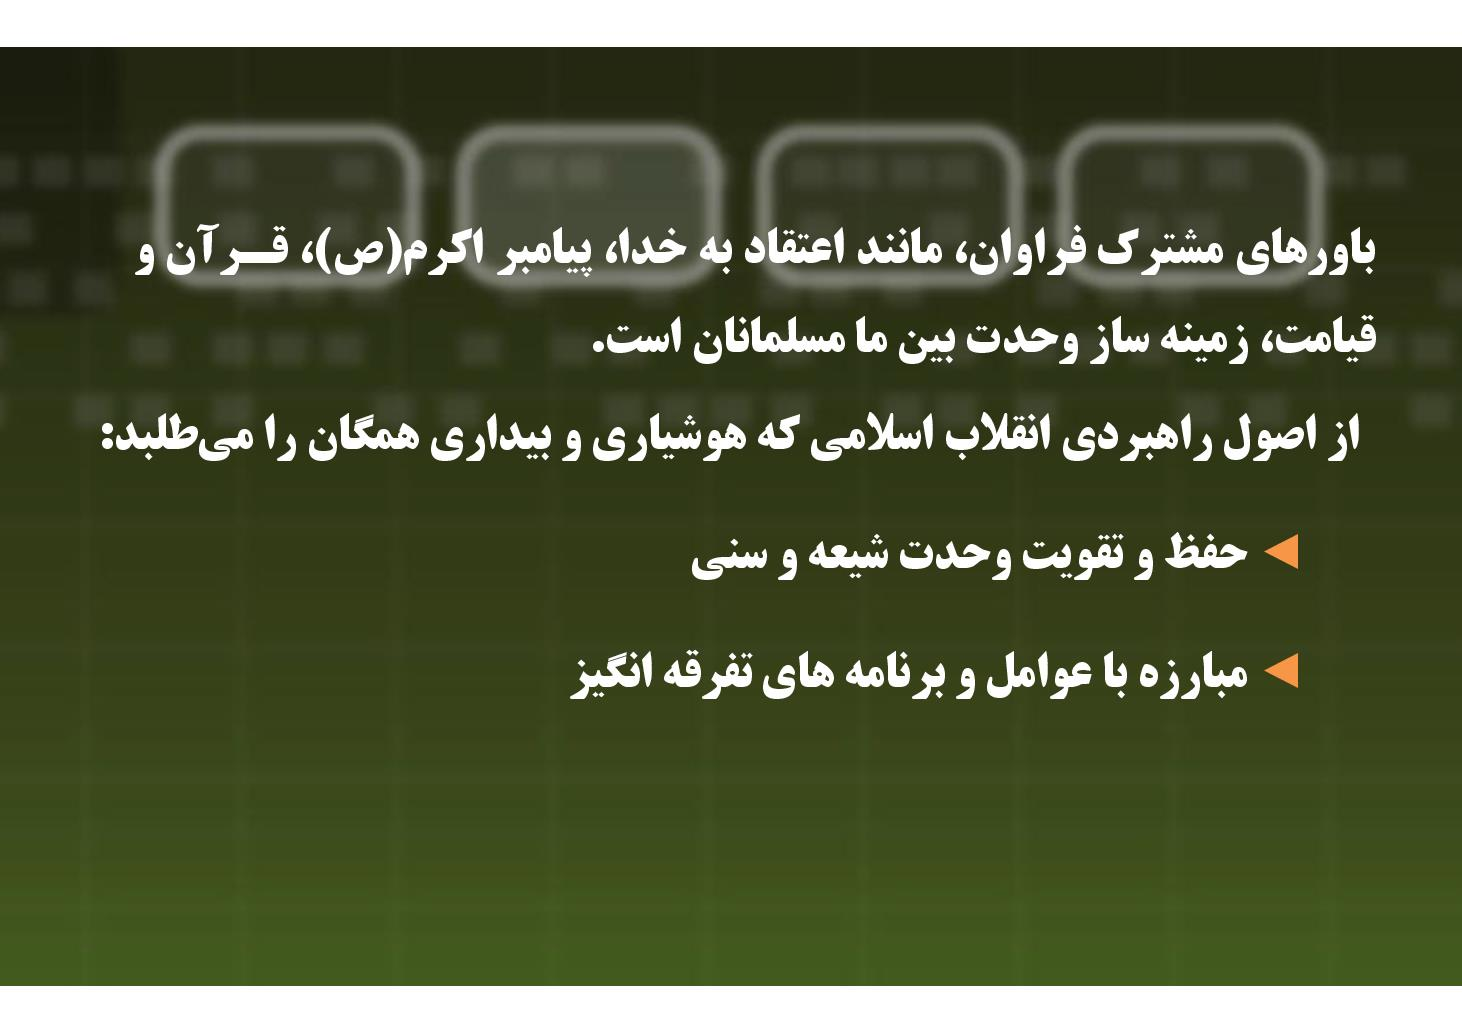 معارف- درس ۶- تشیع و وحدت مسلمانان (PDF)